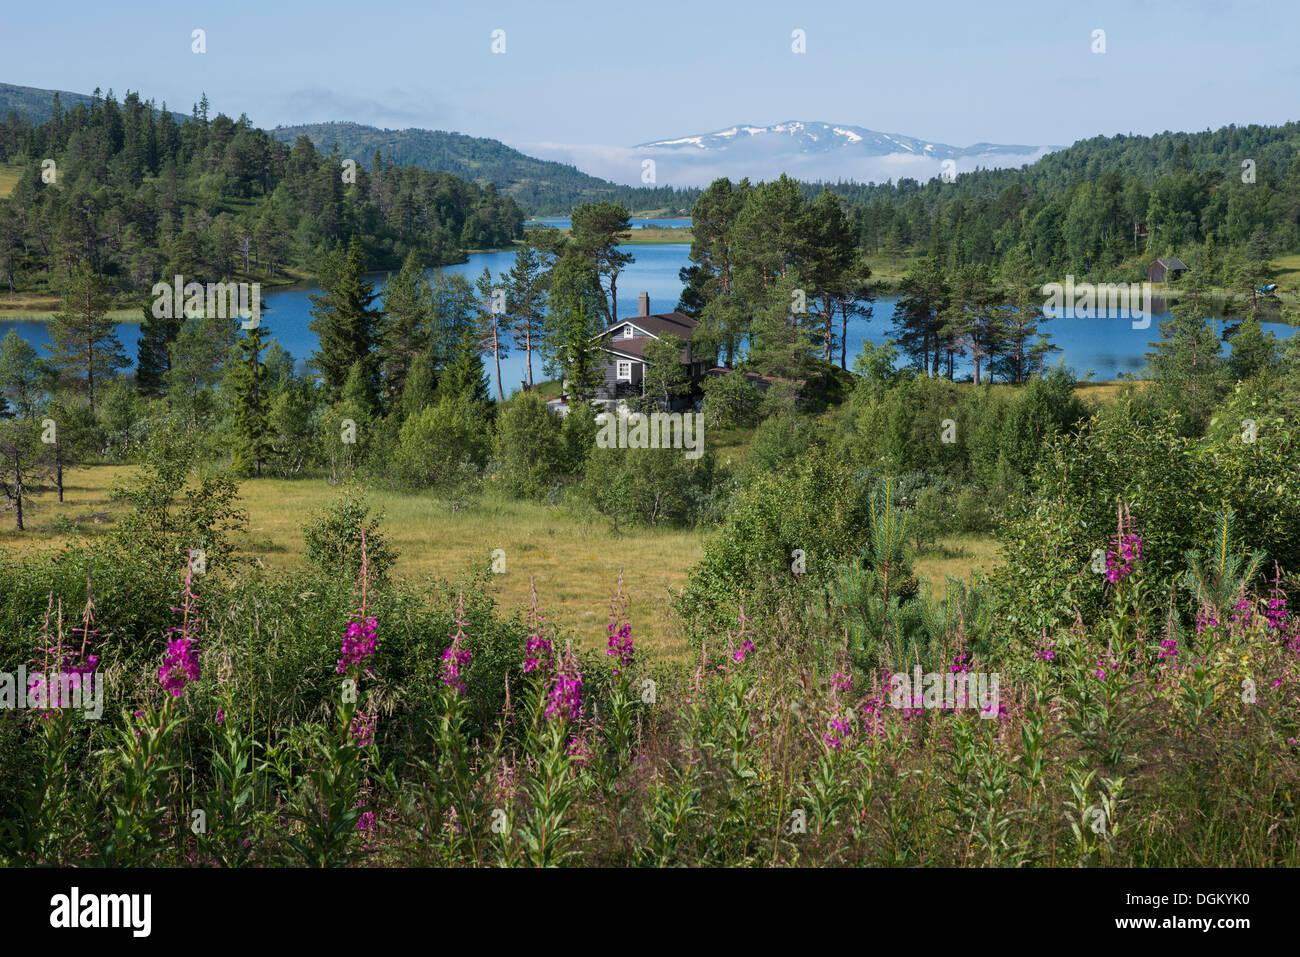 Hilly landscape with a lake and a forest, Lake Søvatnet, Sør-Trøndelag, Trøndelag, Norway - Stock Image